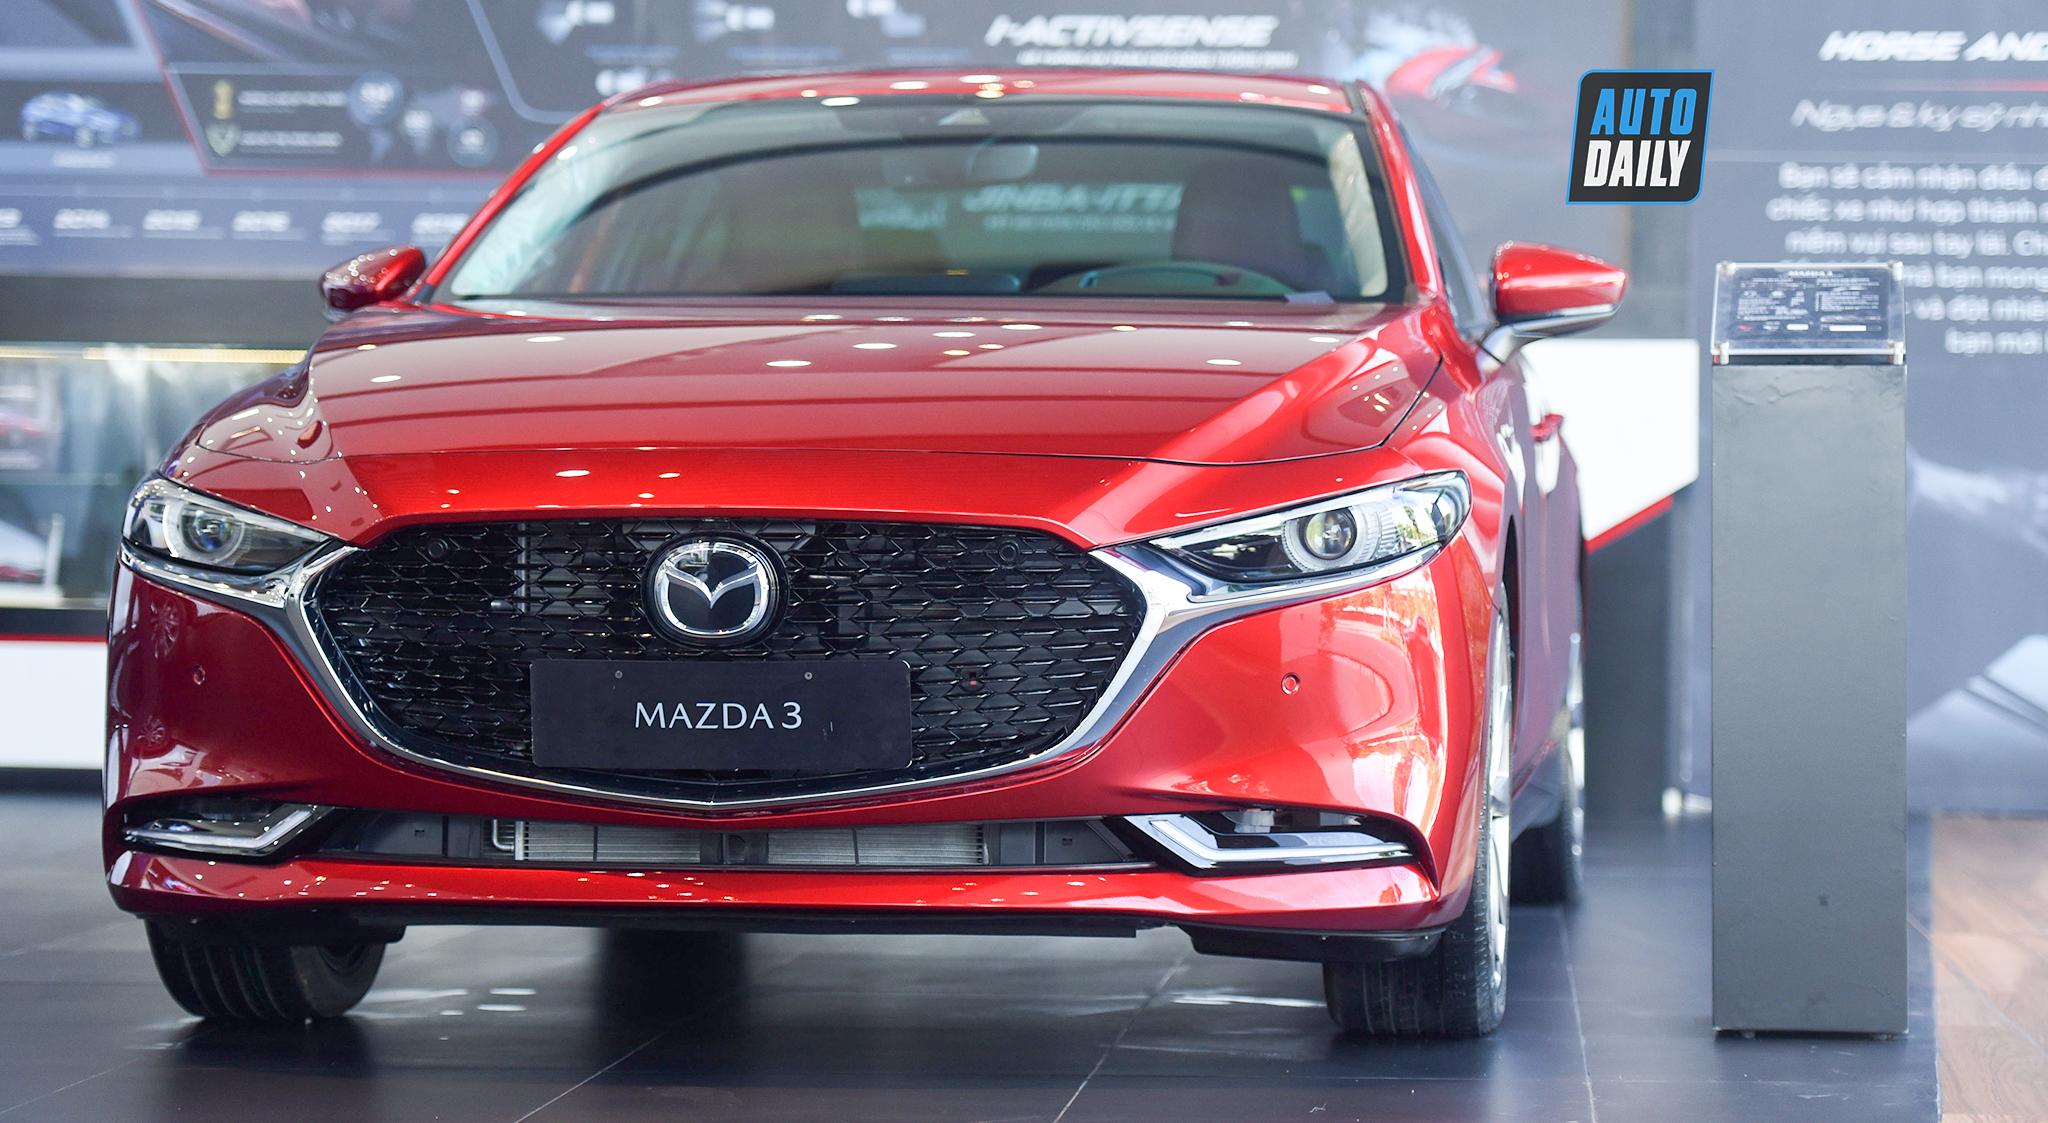 5 thương hiệu ôtô bán nhiều xe nhất tại Việt Nam năm 2020 25.jpg